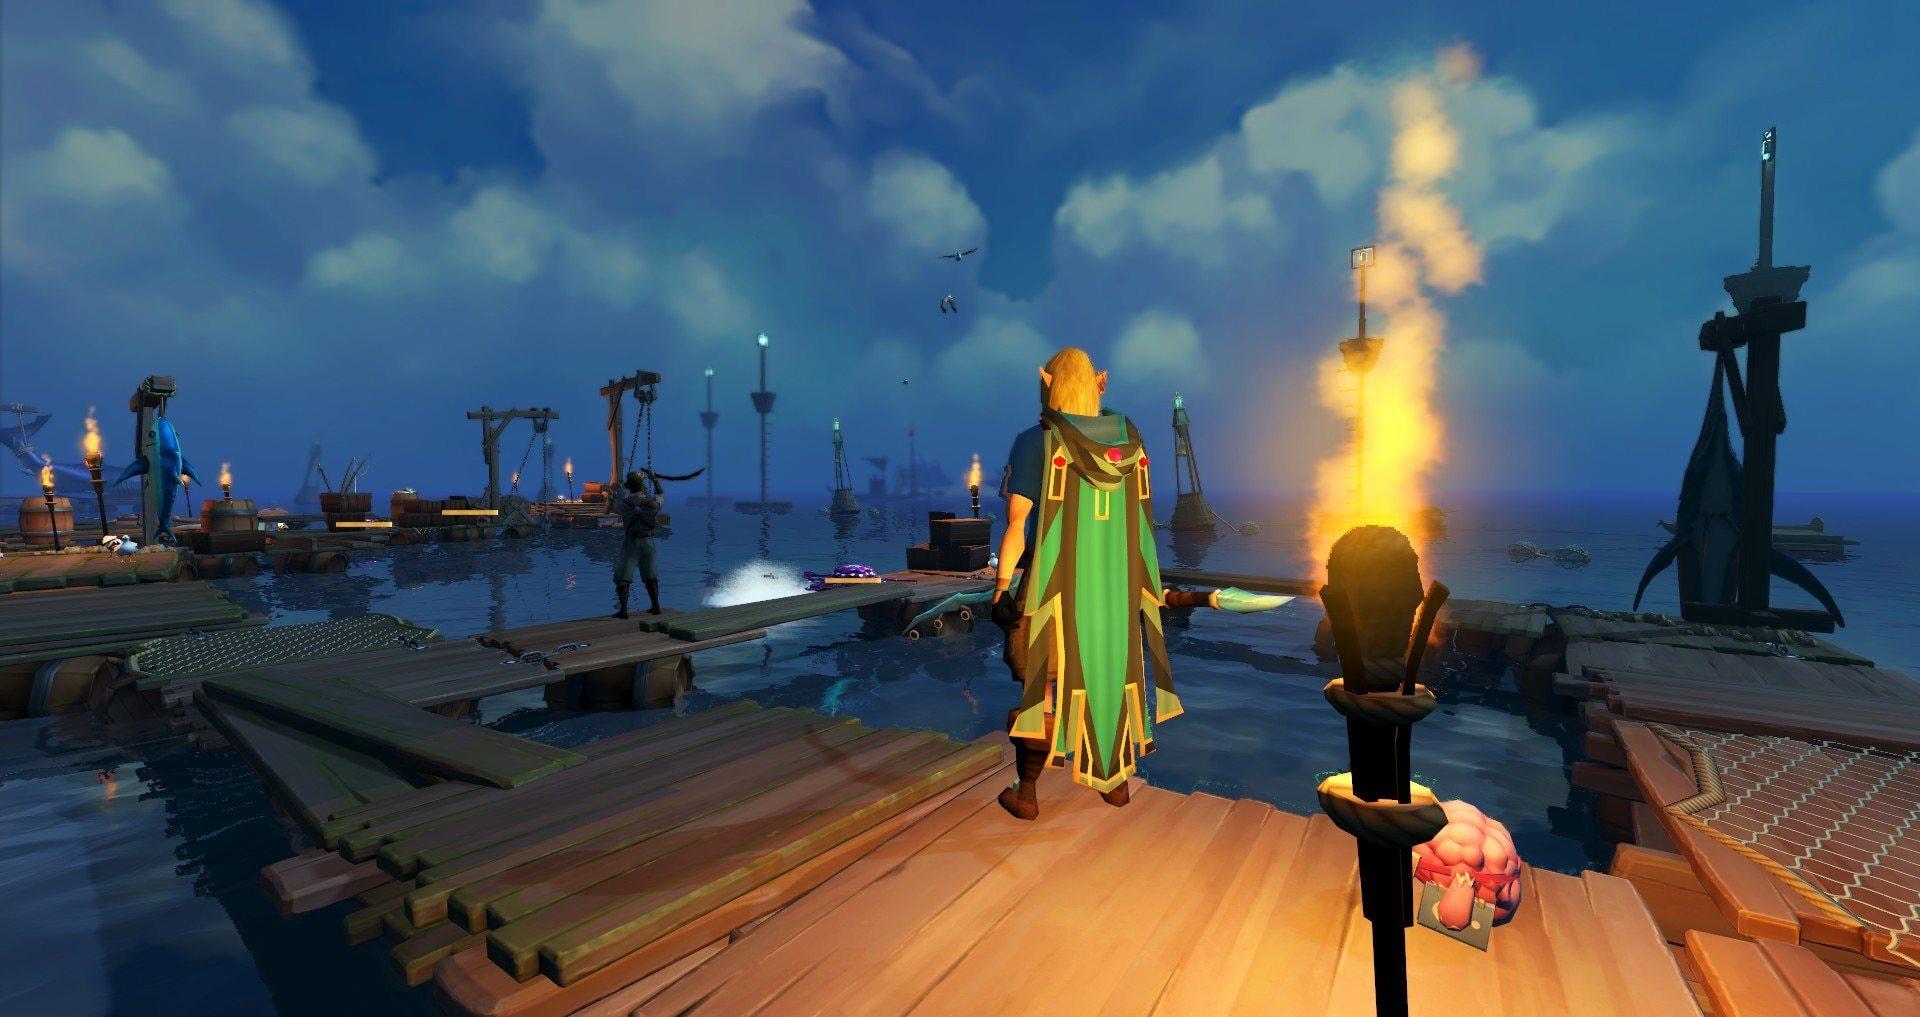 RuneScape ставит рекорд по показателям онлайна за 5 лет